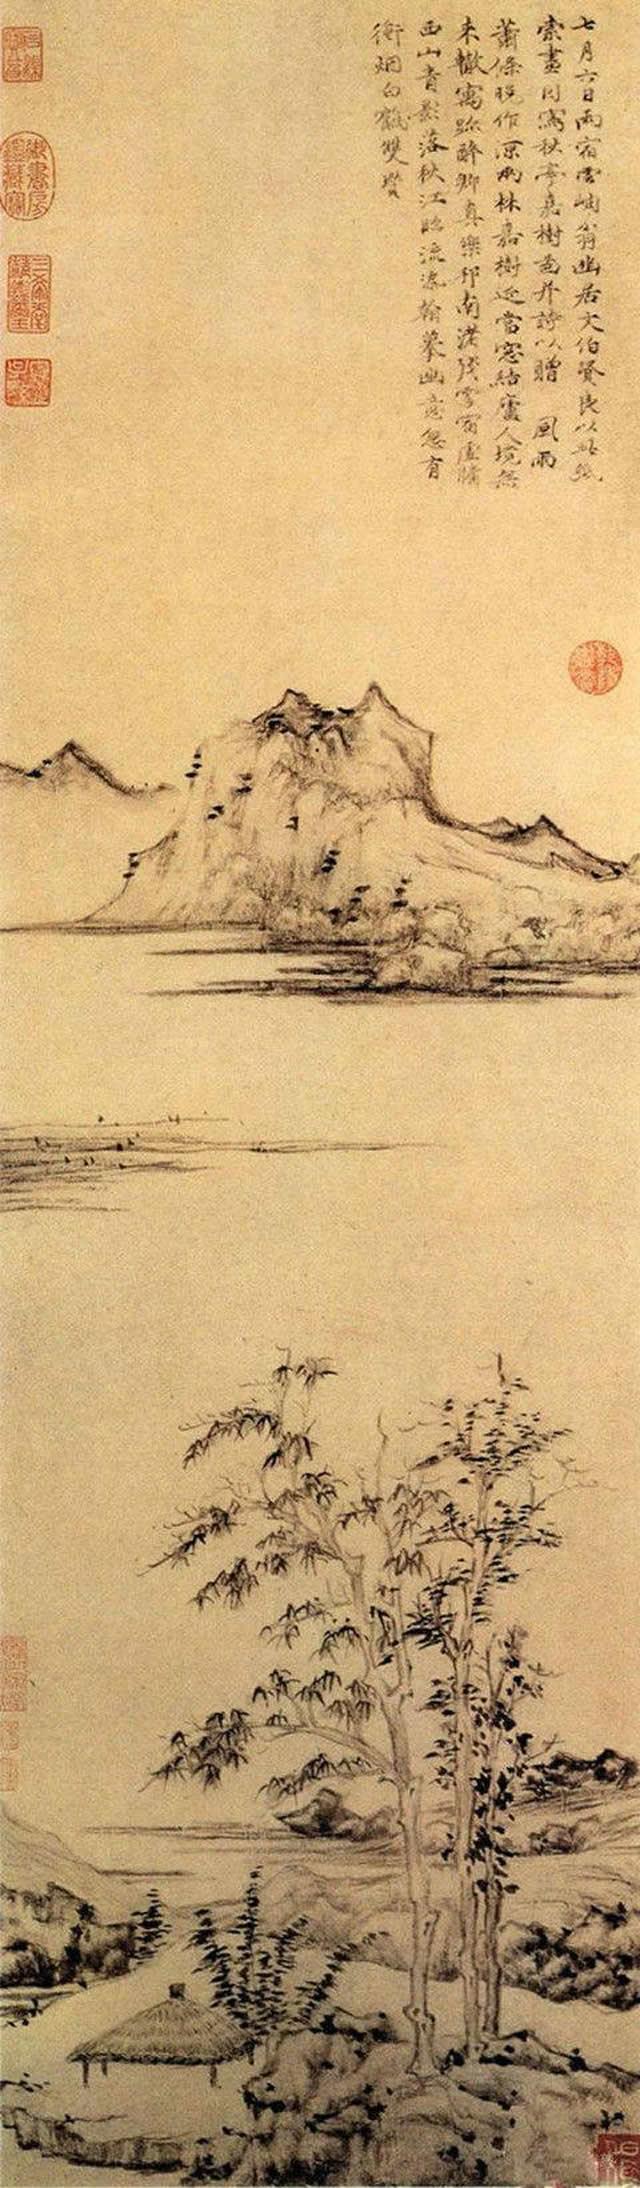 《秋亭嘉树图》